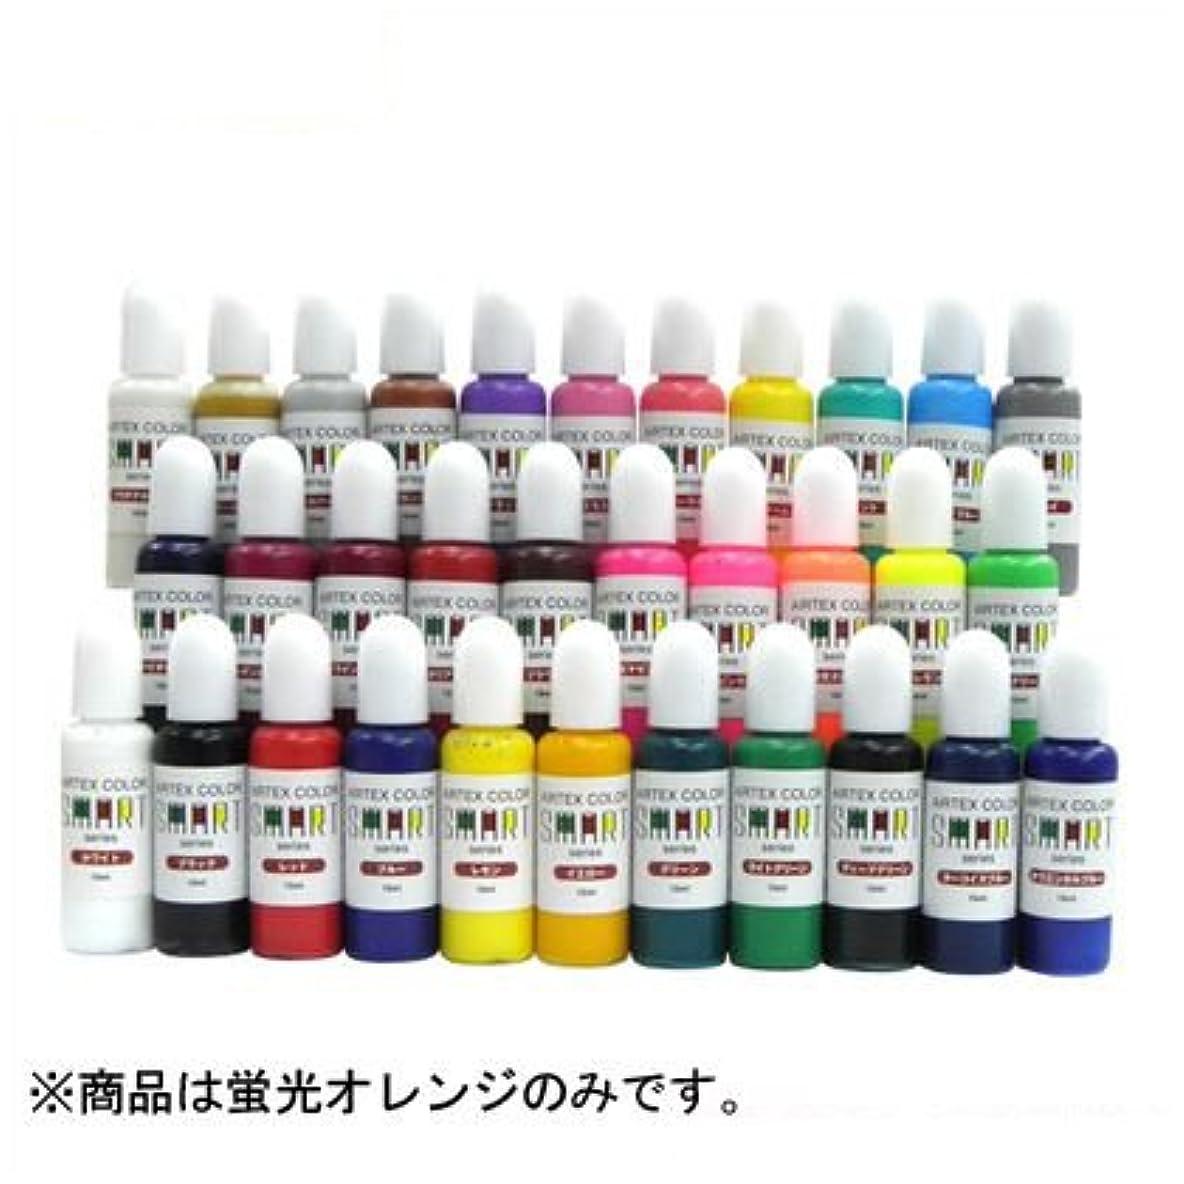 エアテックス カラースマートシリーズ 蛍光オレンジ ACS19